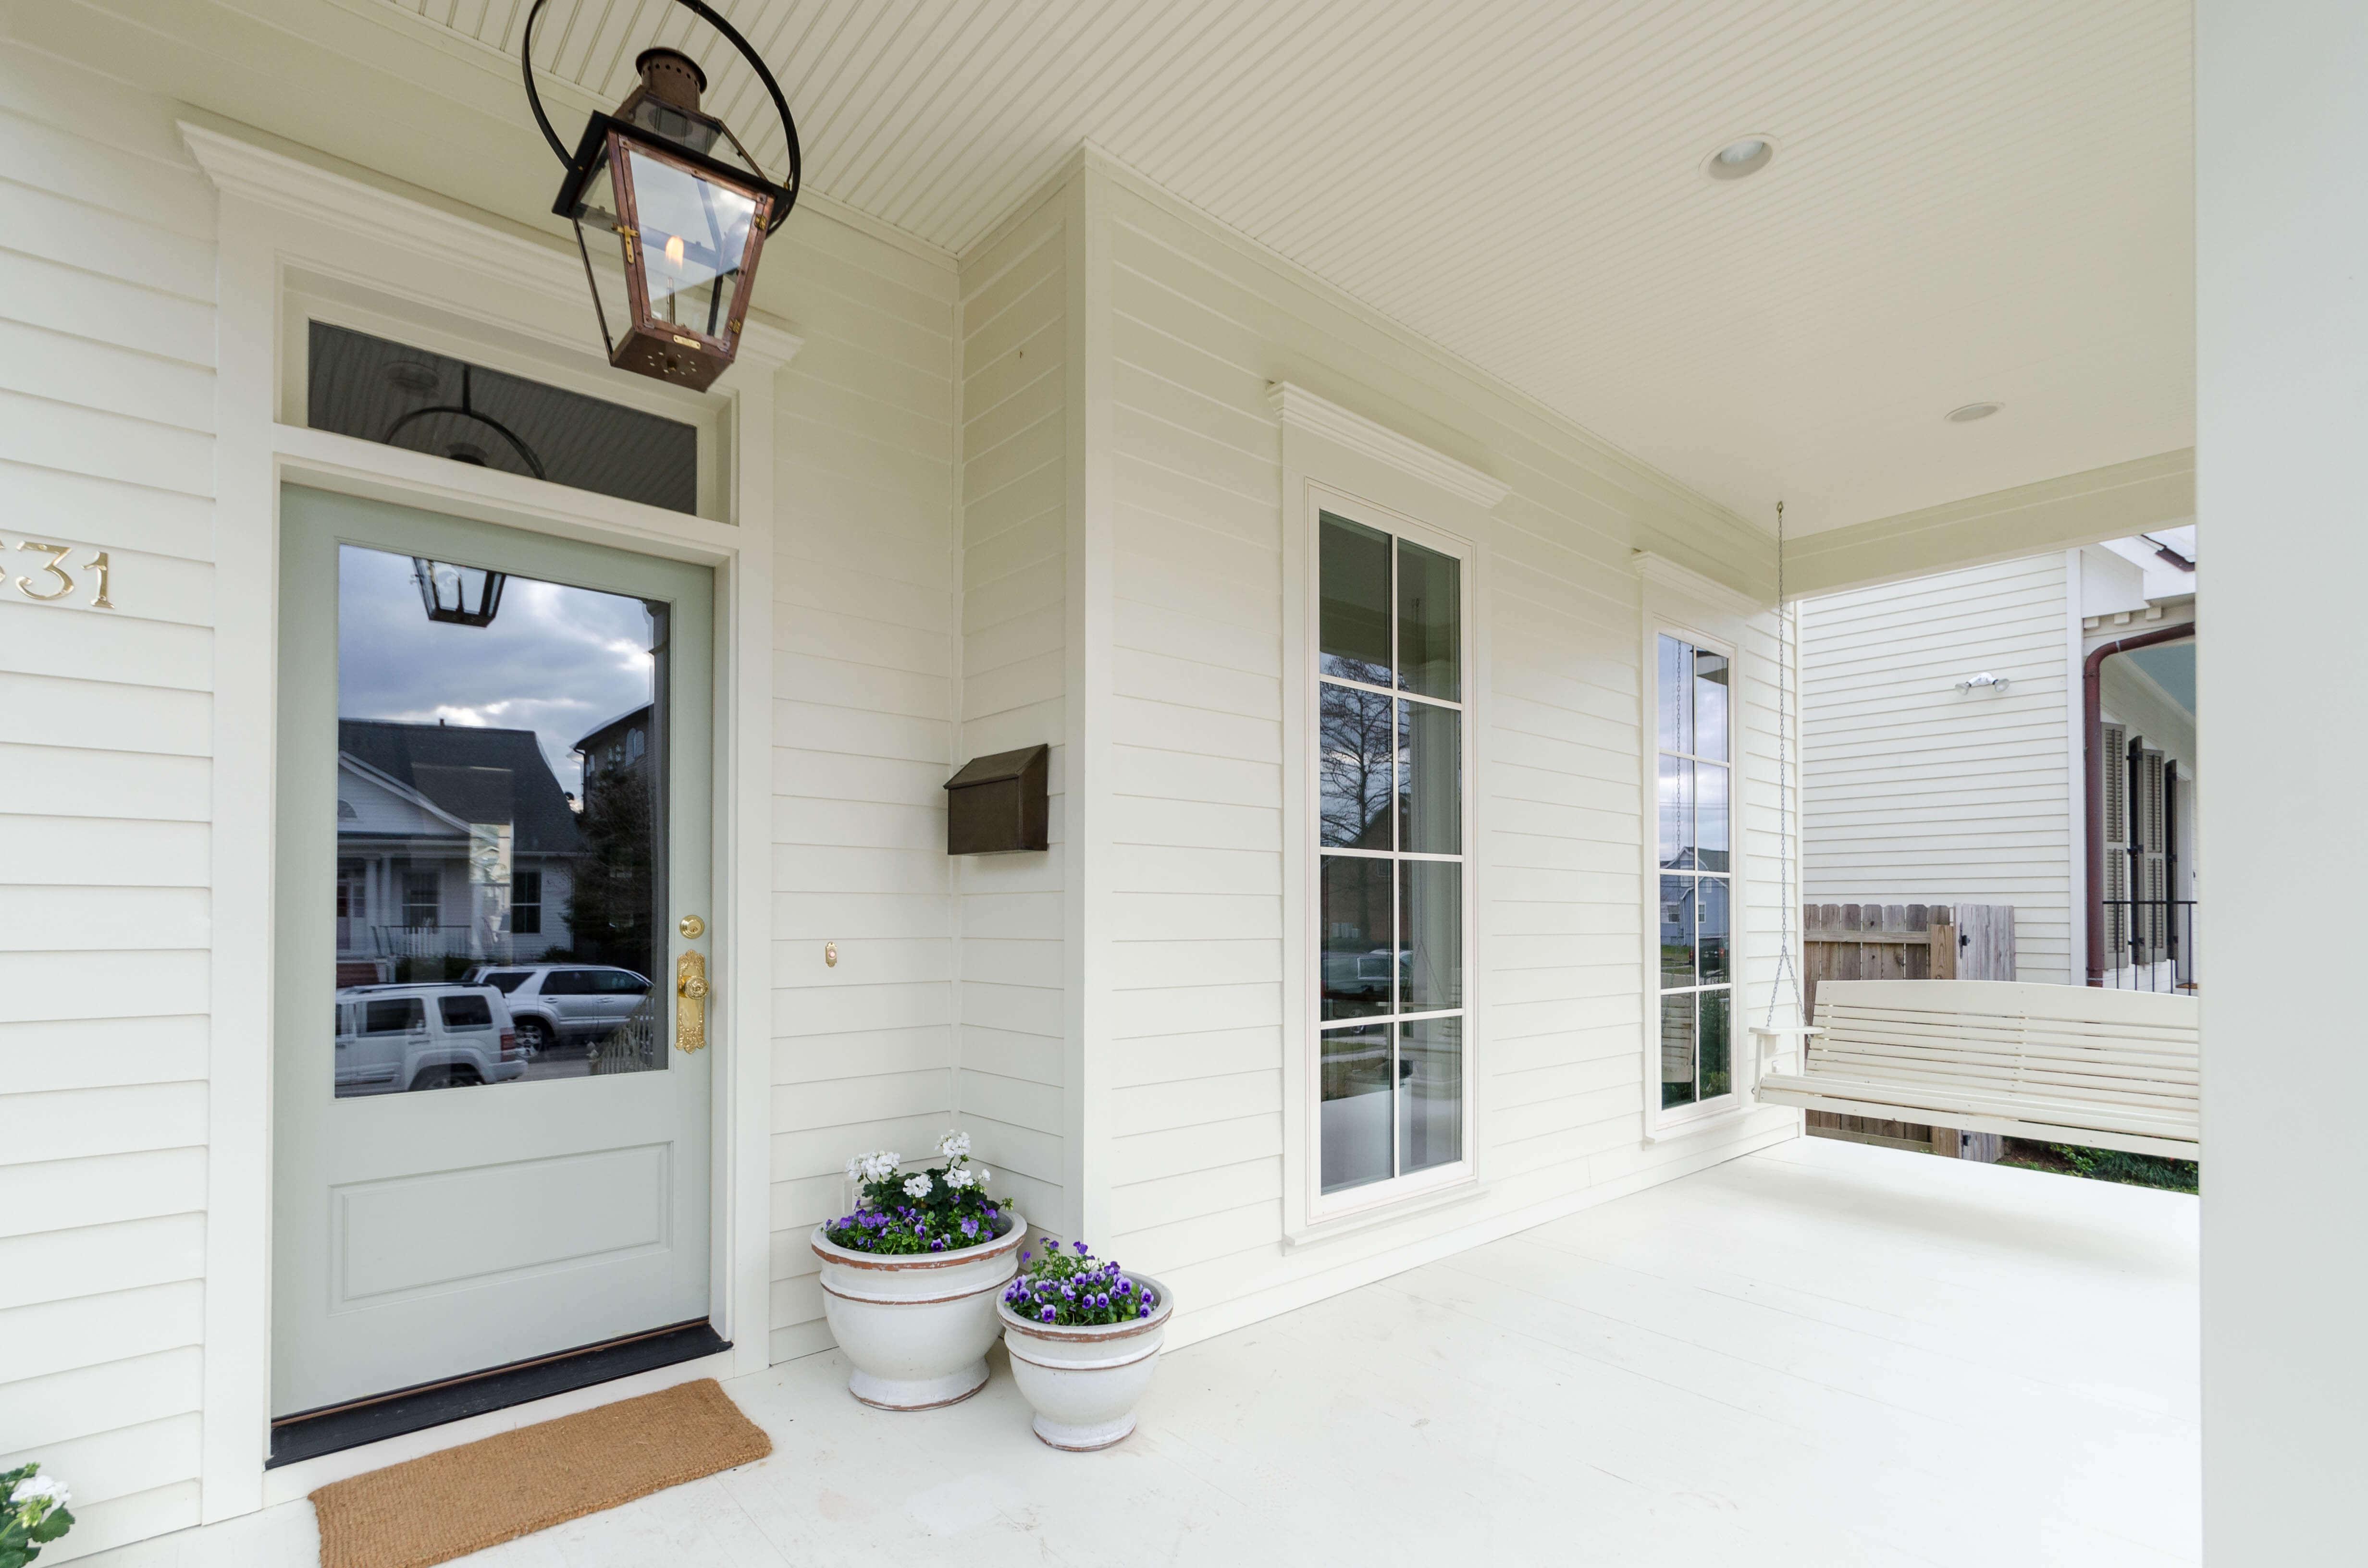 3264 #78674C Windows Vinyl Aluminum Wood Clad Windows Jefferson Door picture/photo Metal Clad Exterior Doors 41094928